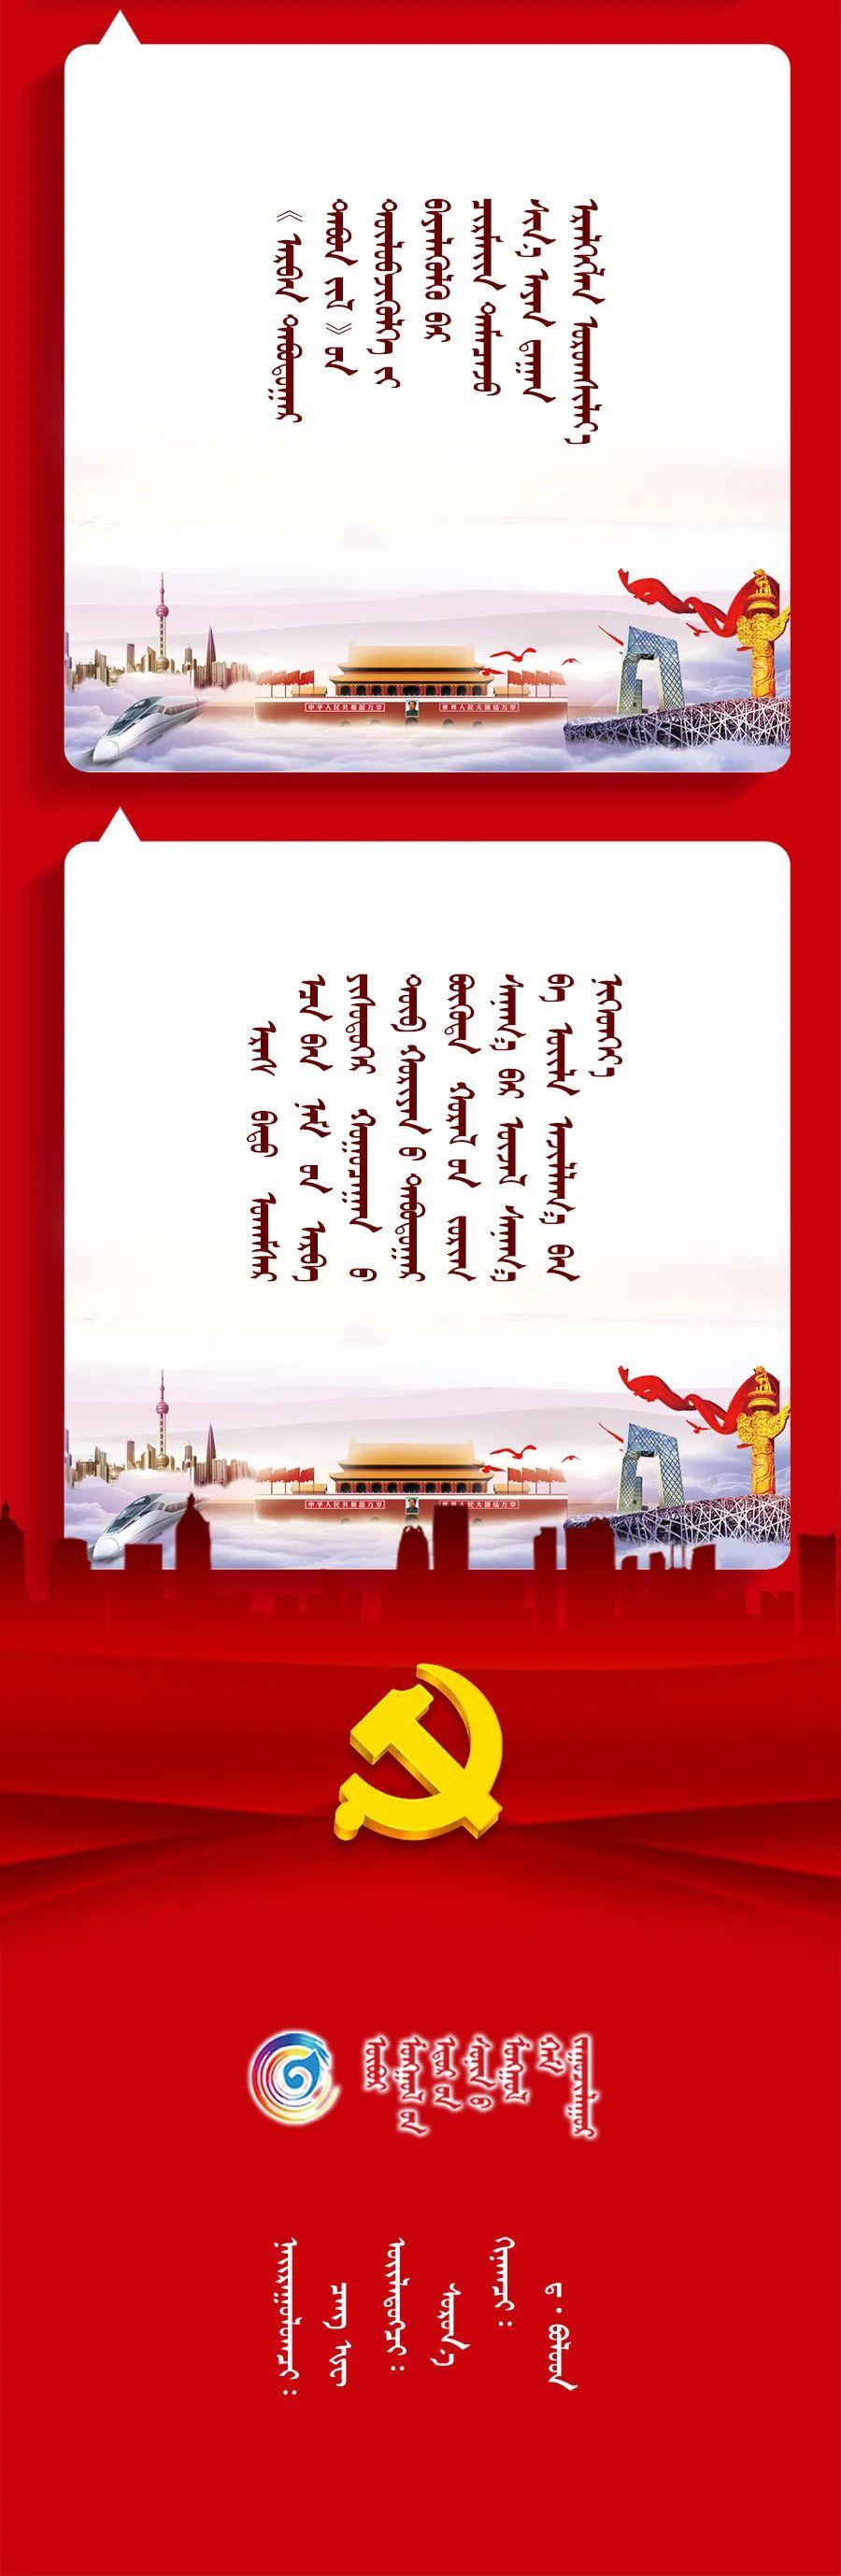 【蒙古文】全面建设社会主义现代化国家——宣传标语 第4张